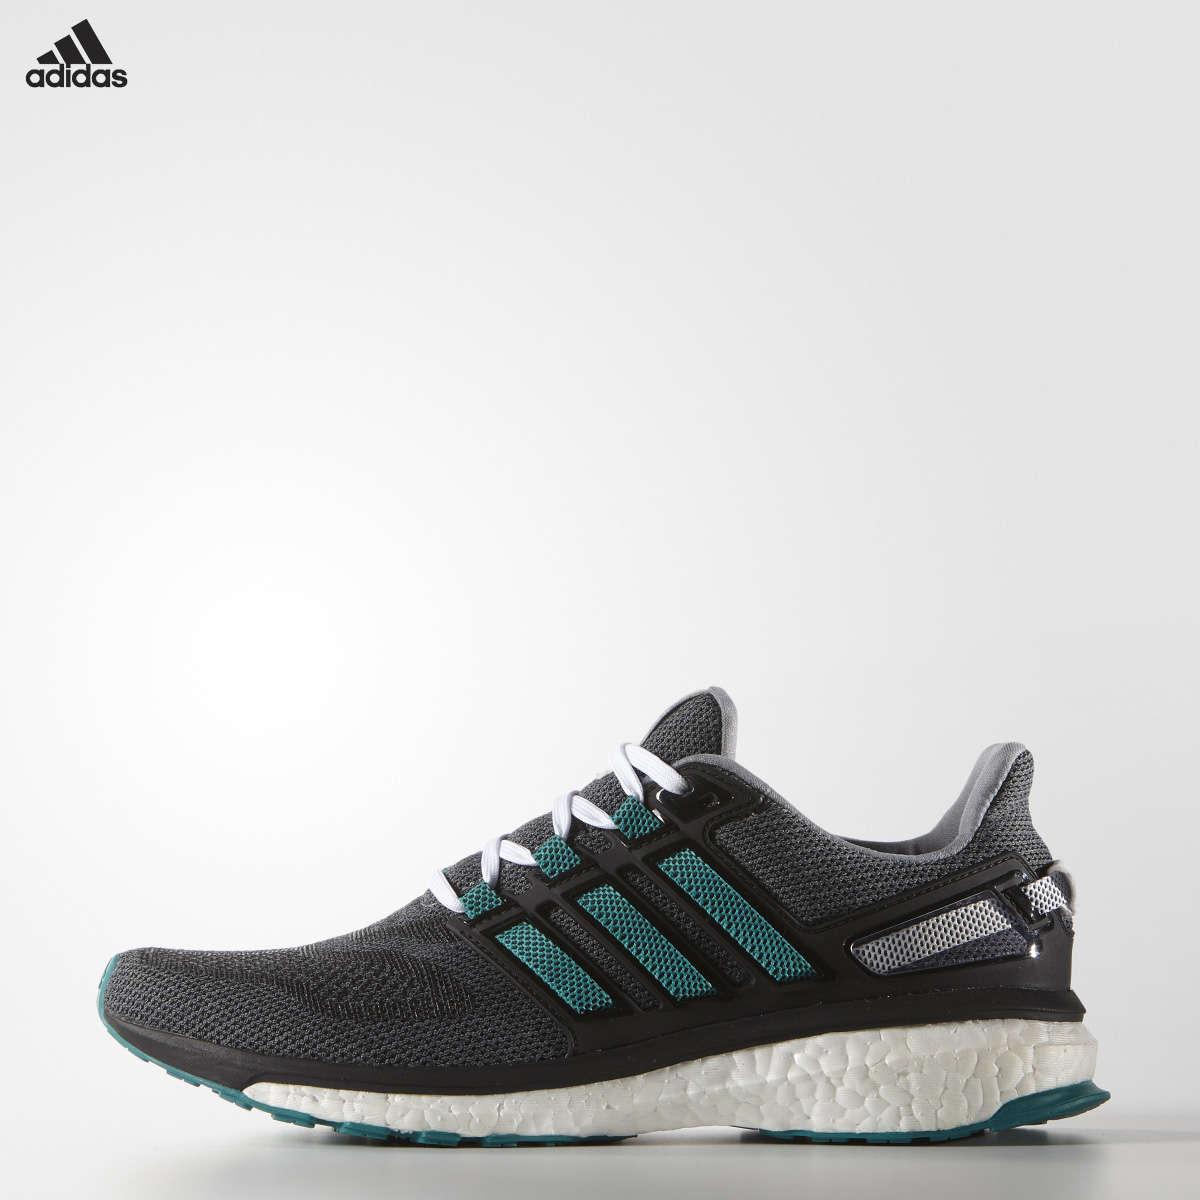 official photos 2c3a7 88678 adidas Energy Boost 3 Hardloopschoenen GrijsGroenZwart Heren